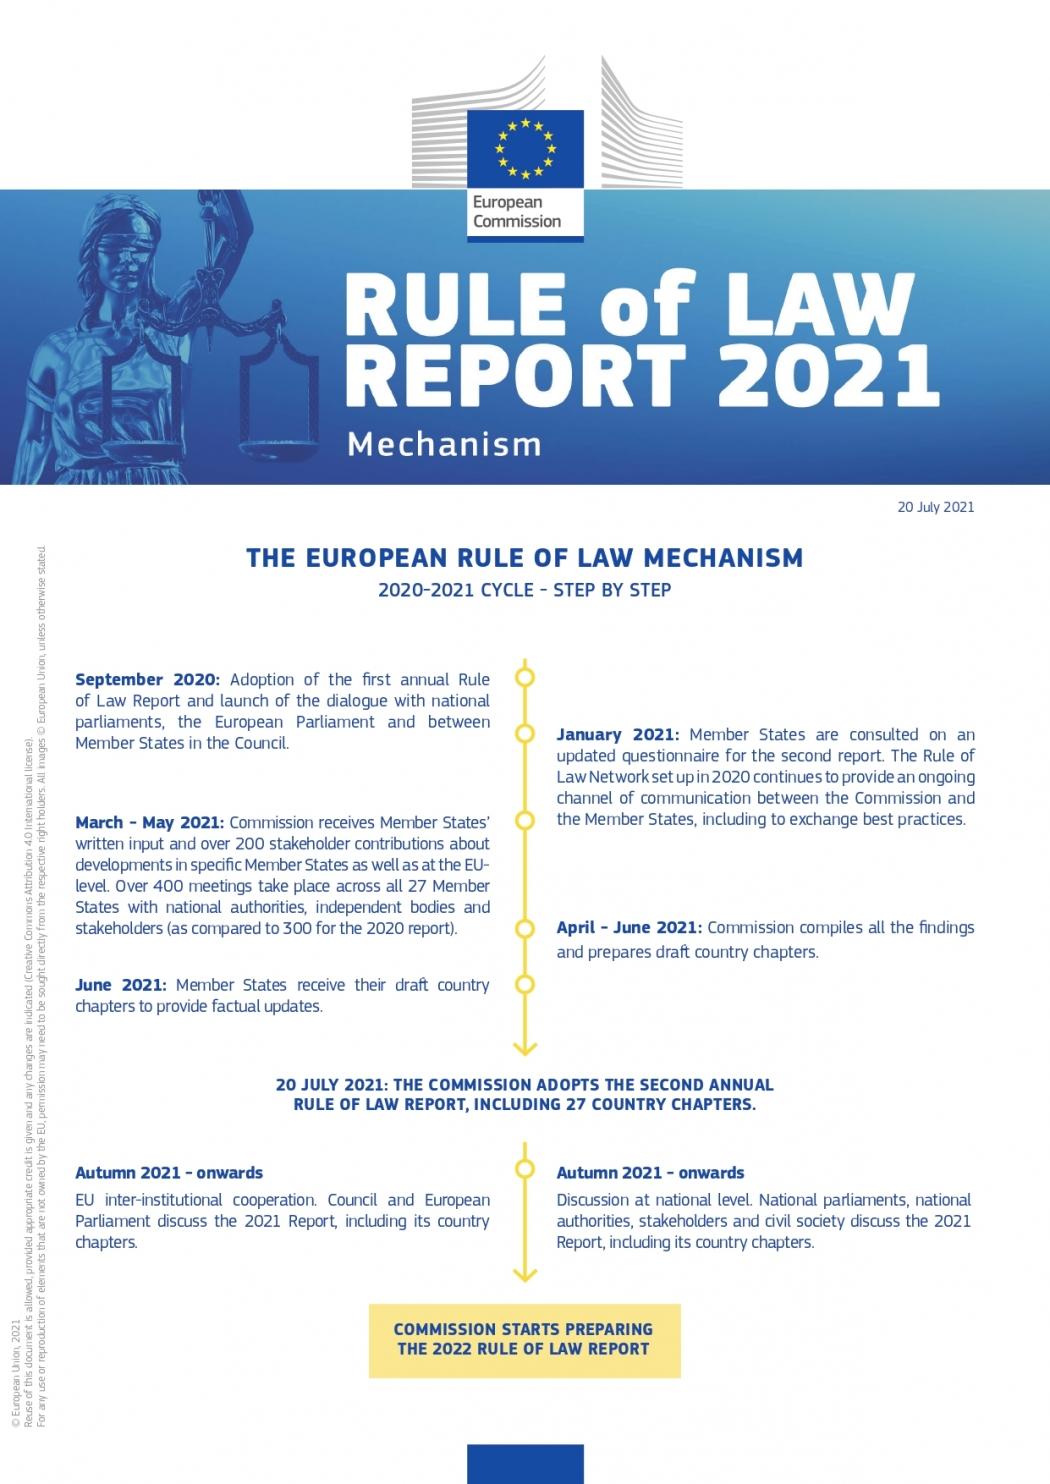 Estado de Derecho 2021: el informe de la UE muestra una evolución positiva en los Estados miembros, pero también señala serias preocupaciones